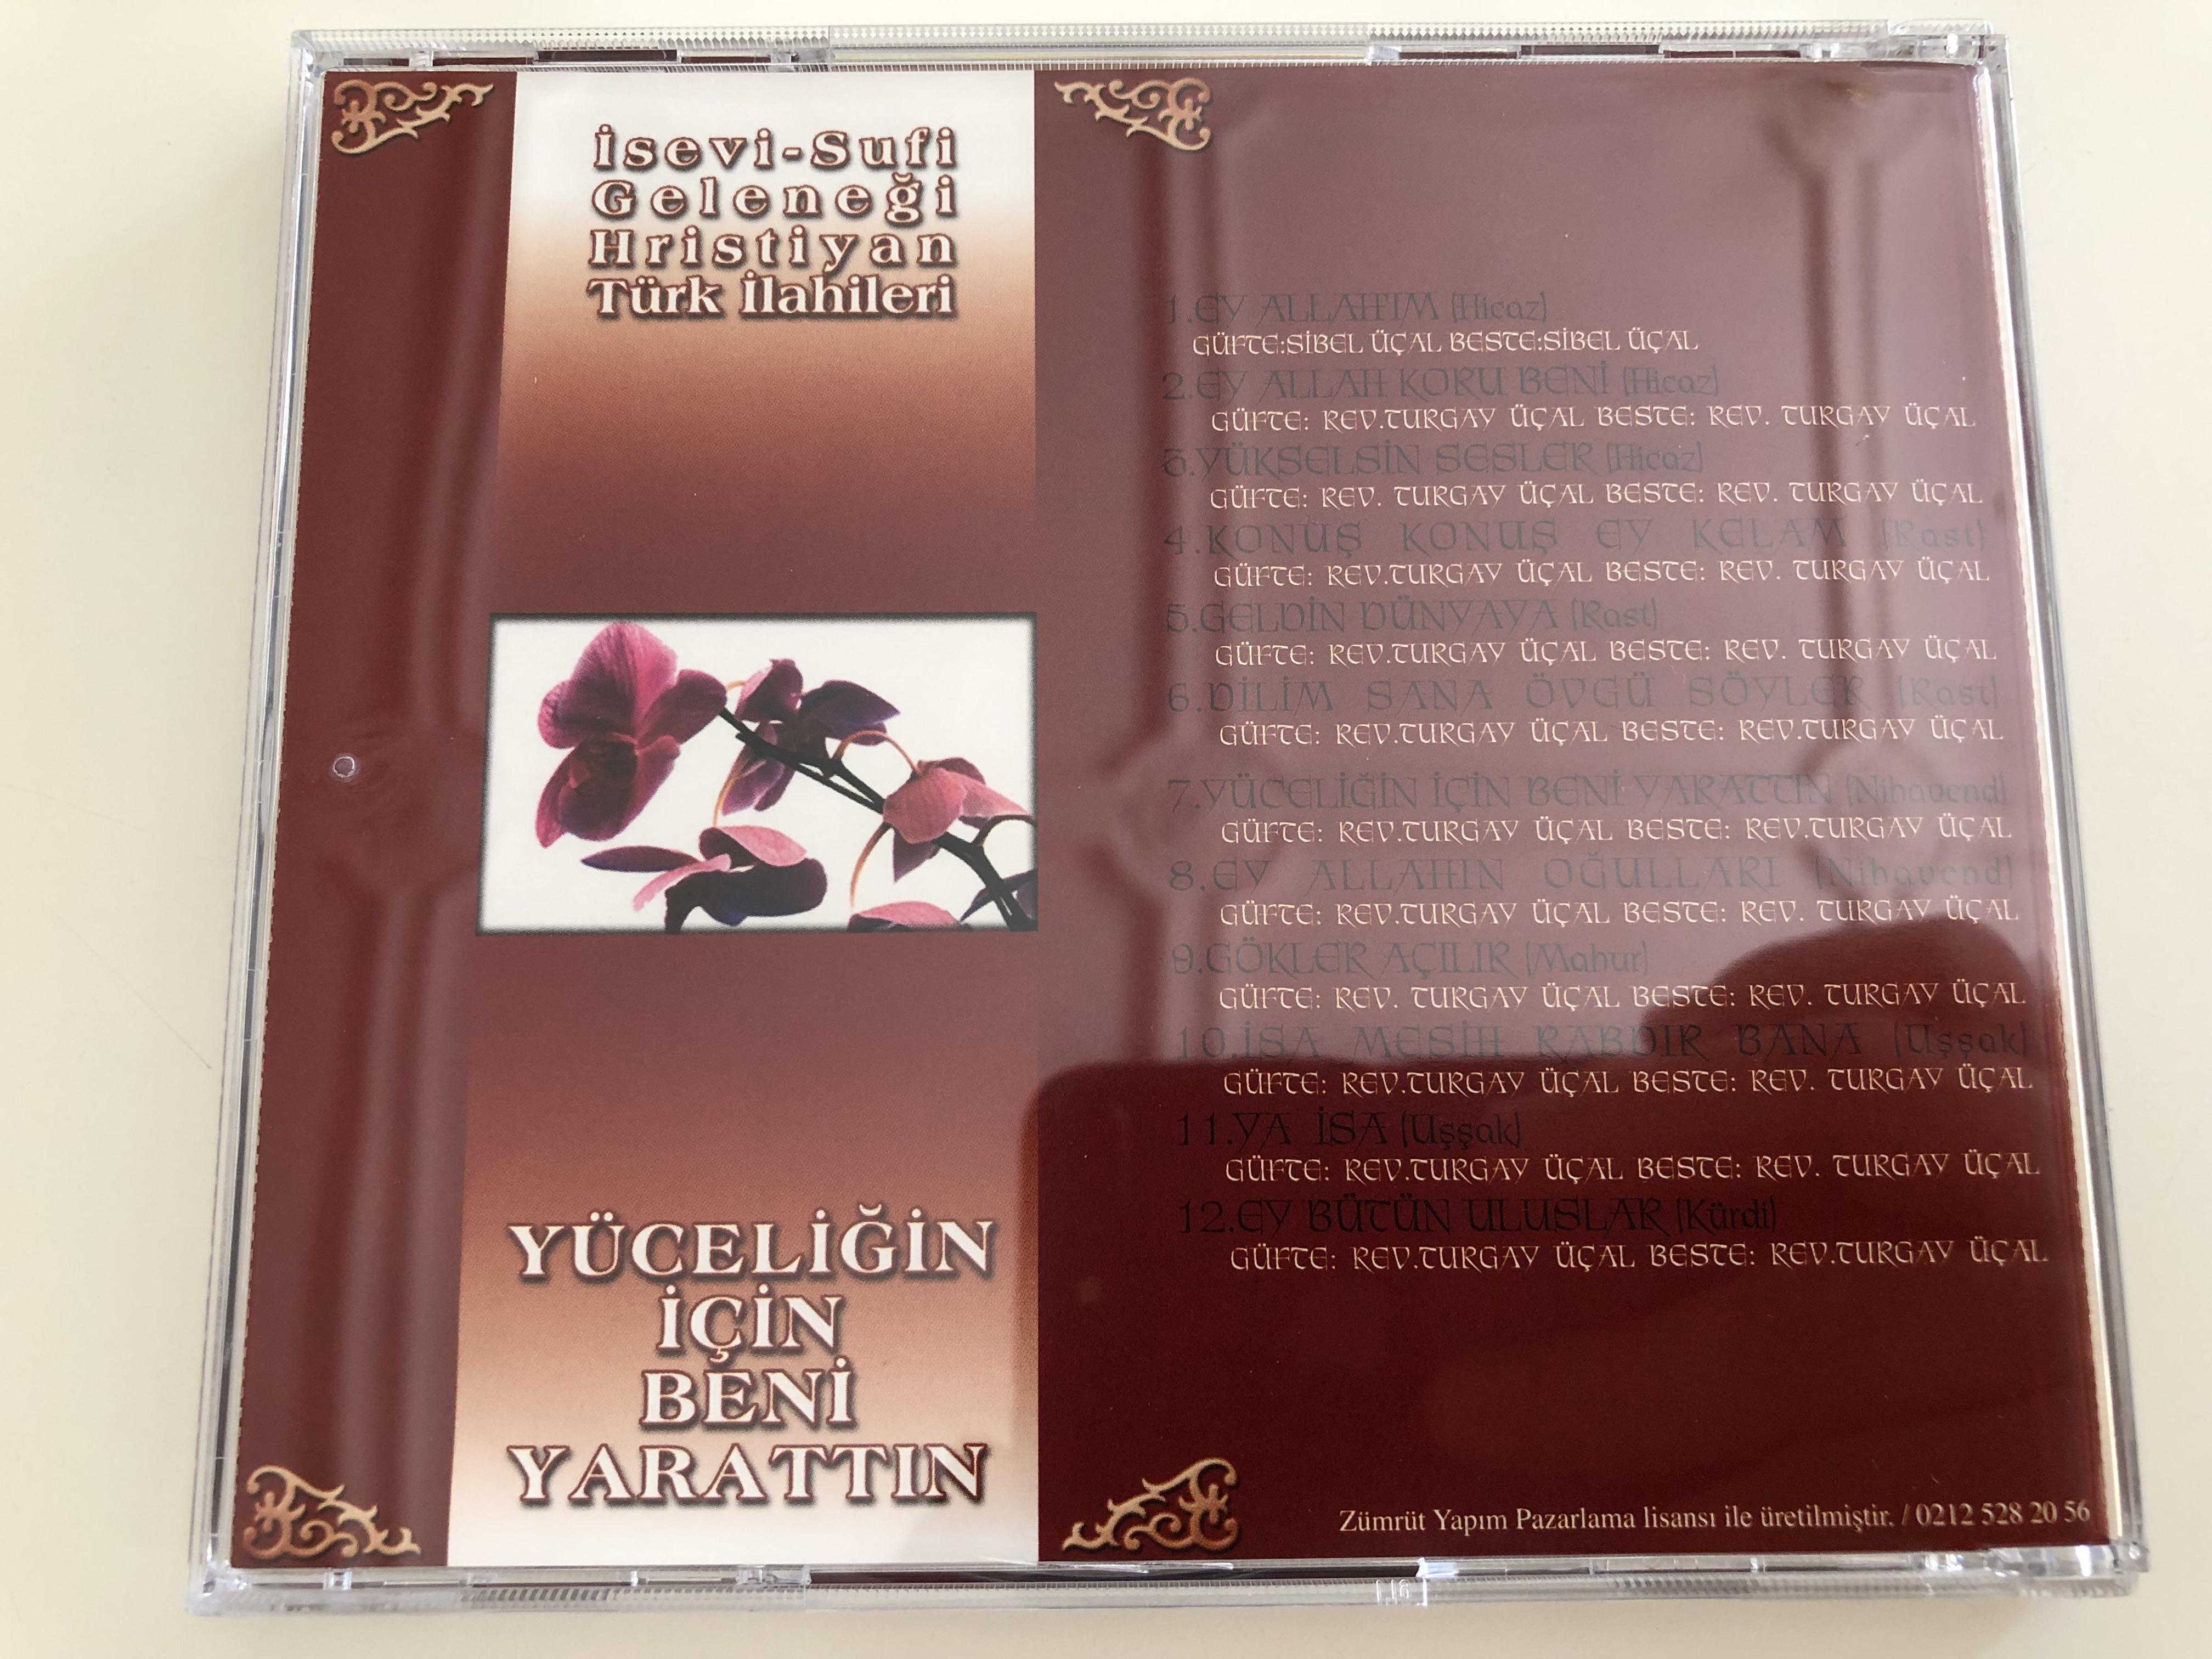 isevi-sufi-gelene-i-hristiyan-t-rk-ilahileri-turkish-christian-praise-and-worship-songs-cd-1-y-celi-in-icin-beni-yarattin-audio-cd-8-.jpg